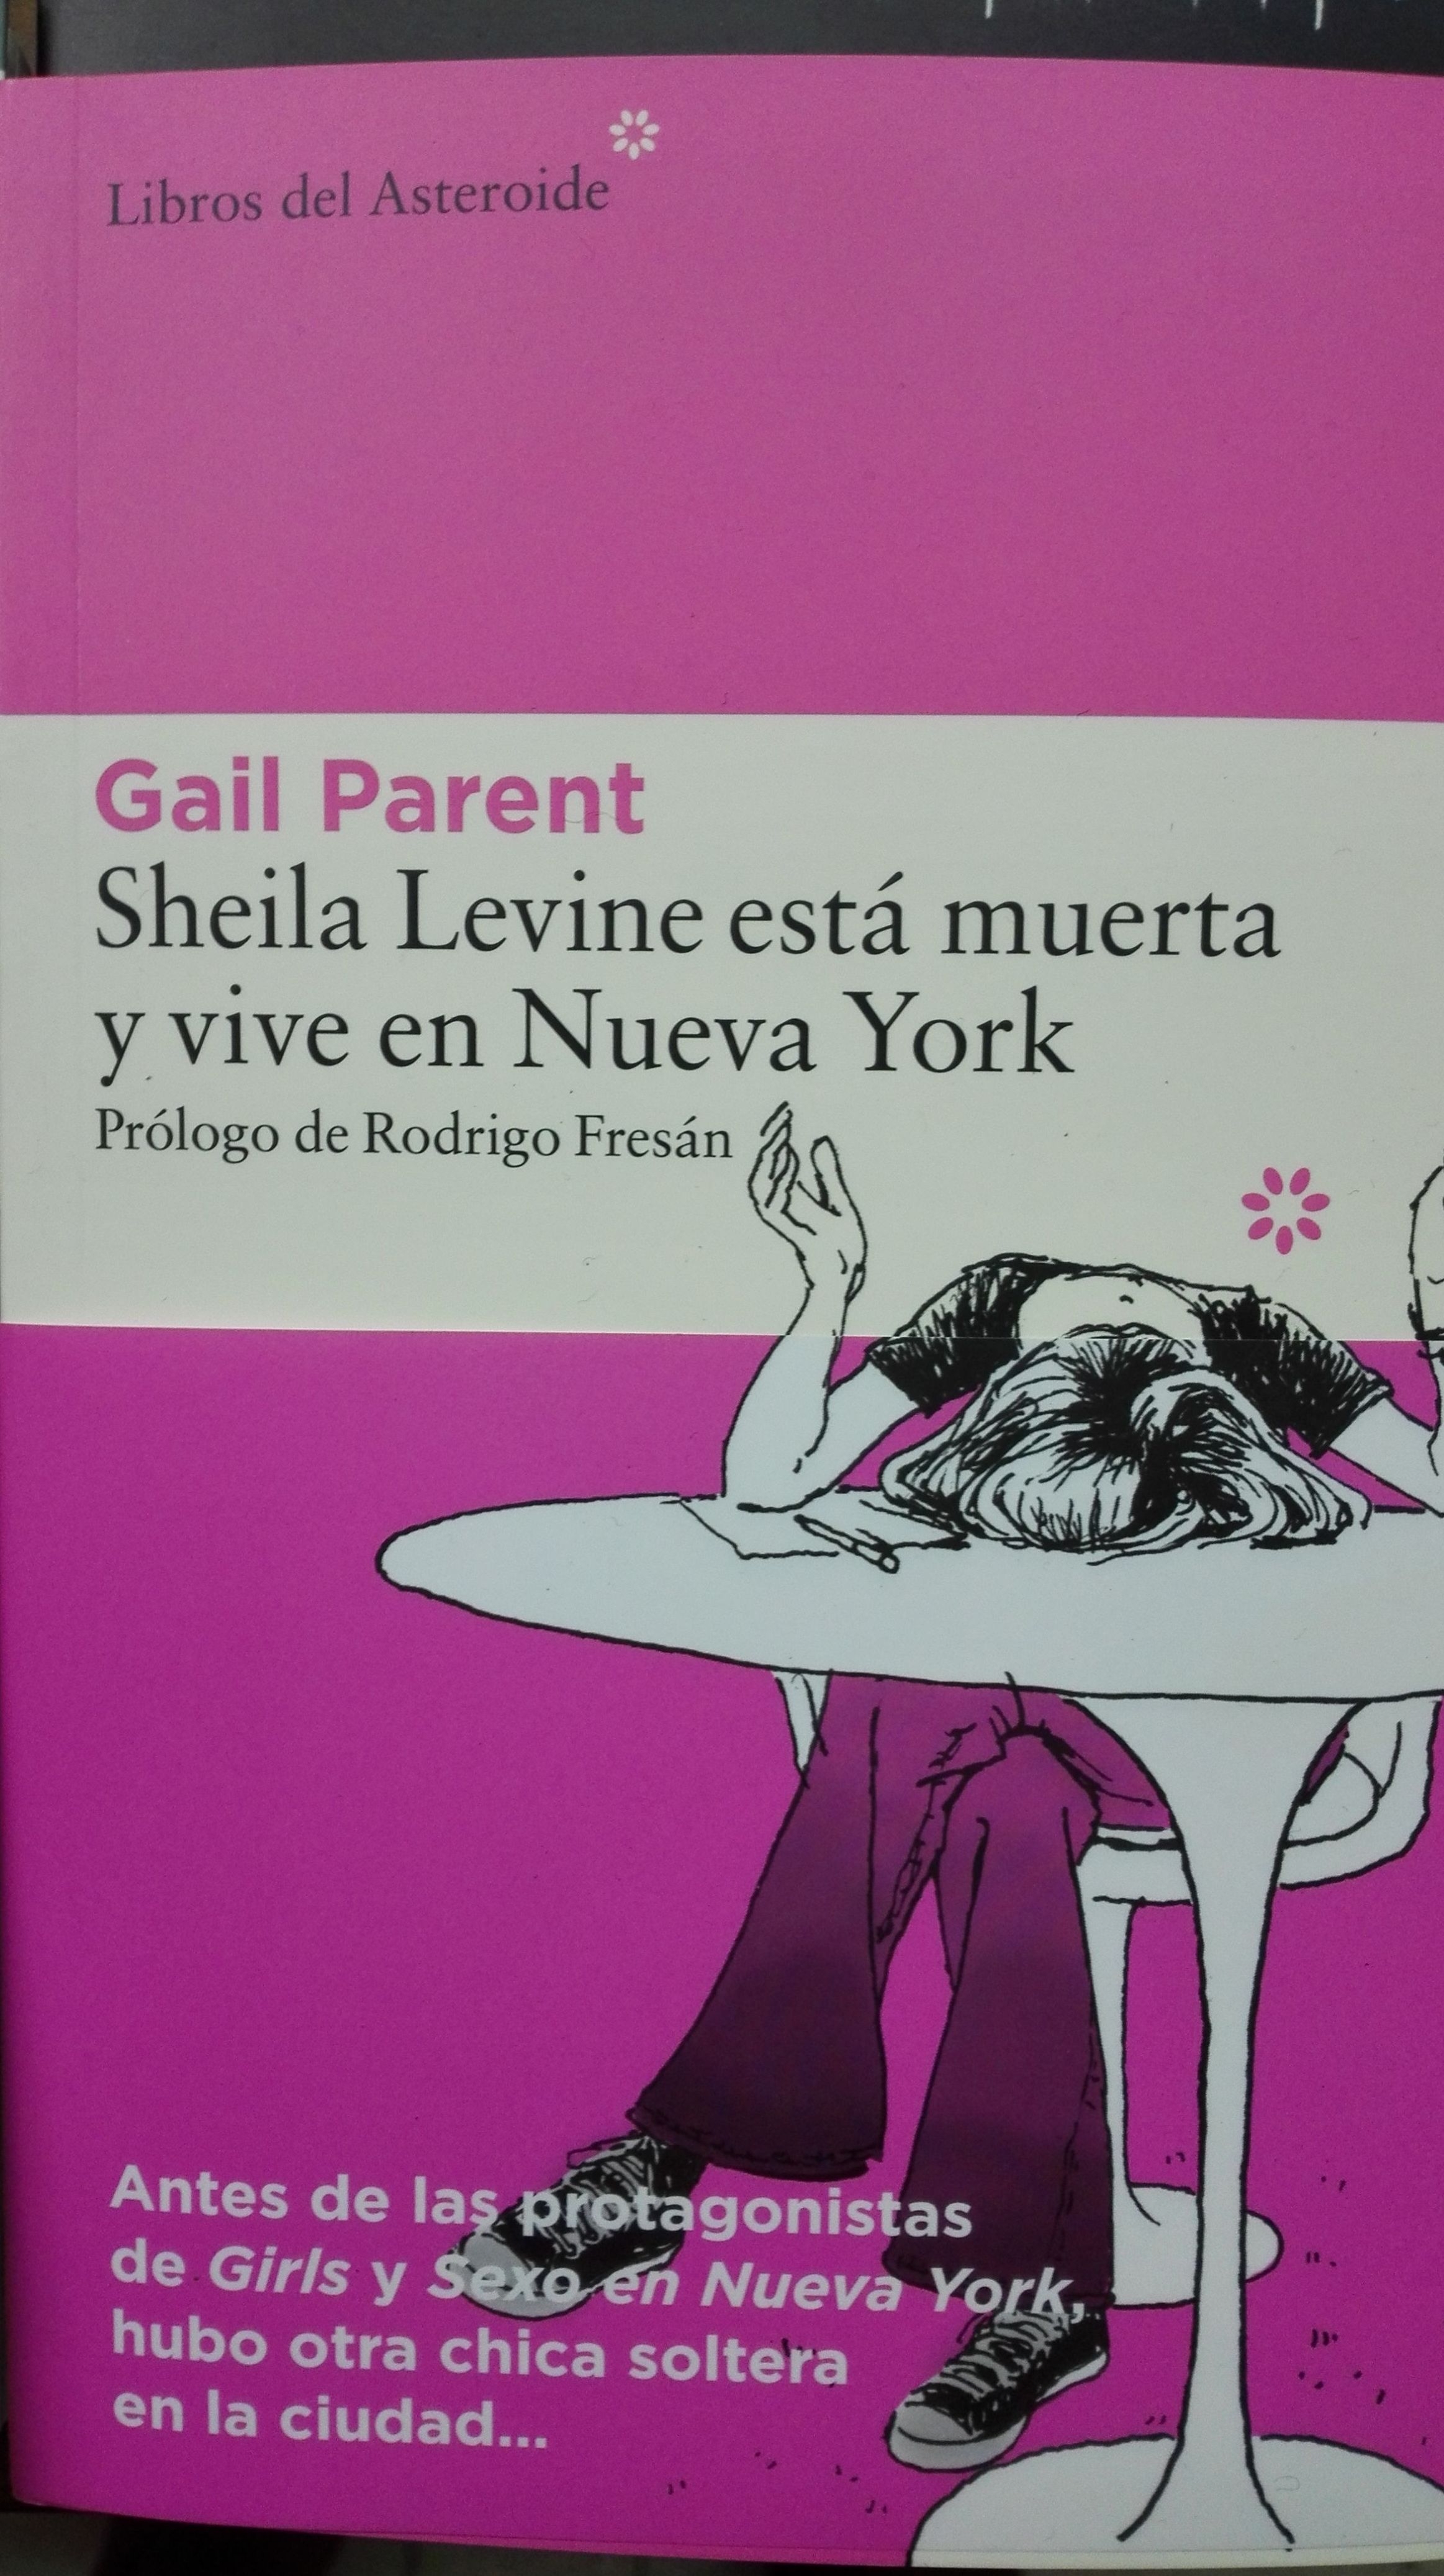 Sheila Levine está muerta y vive en Nueva York